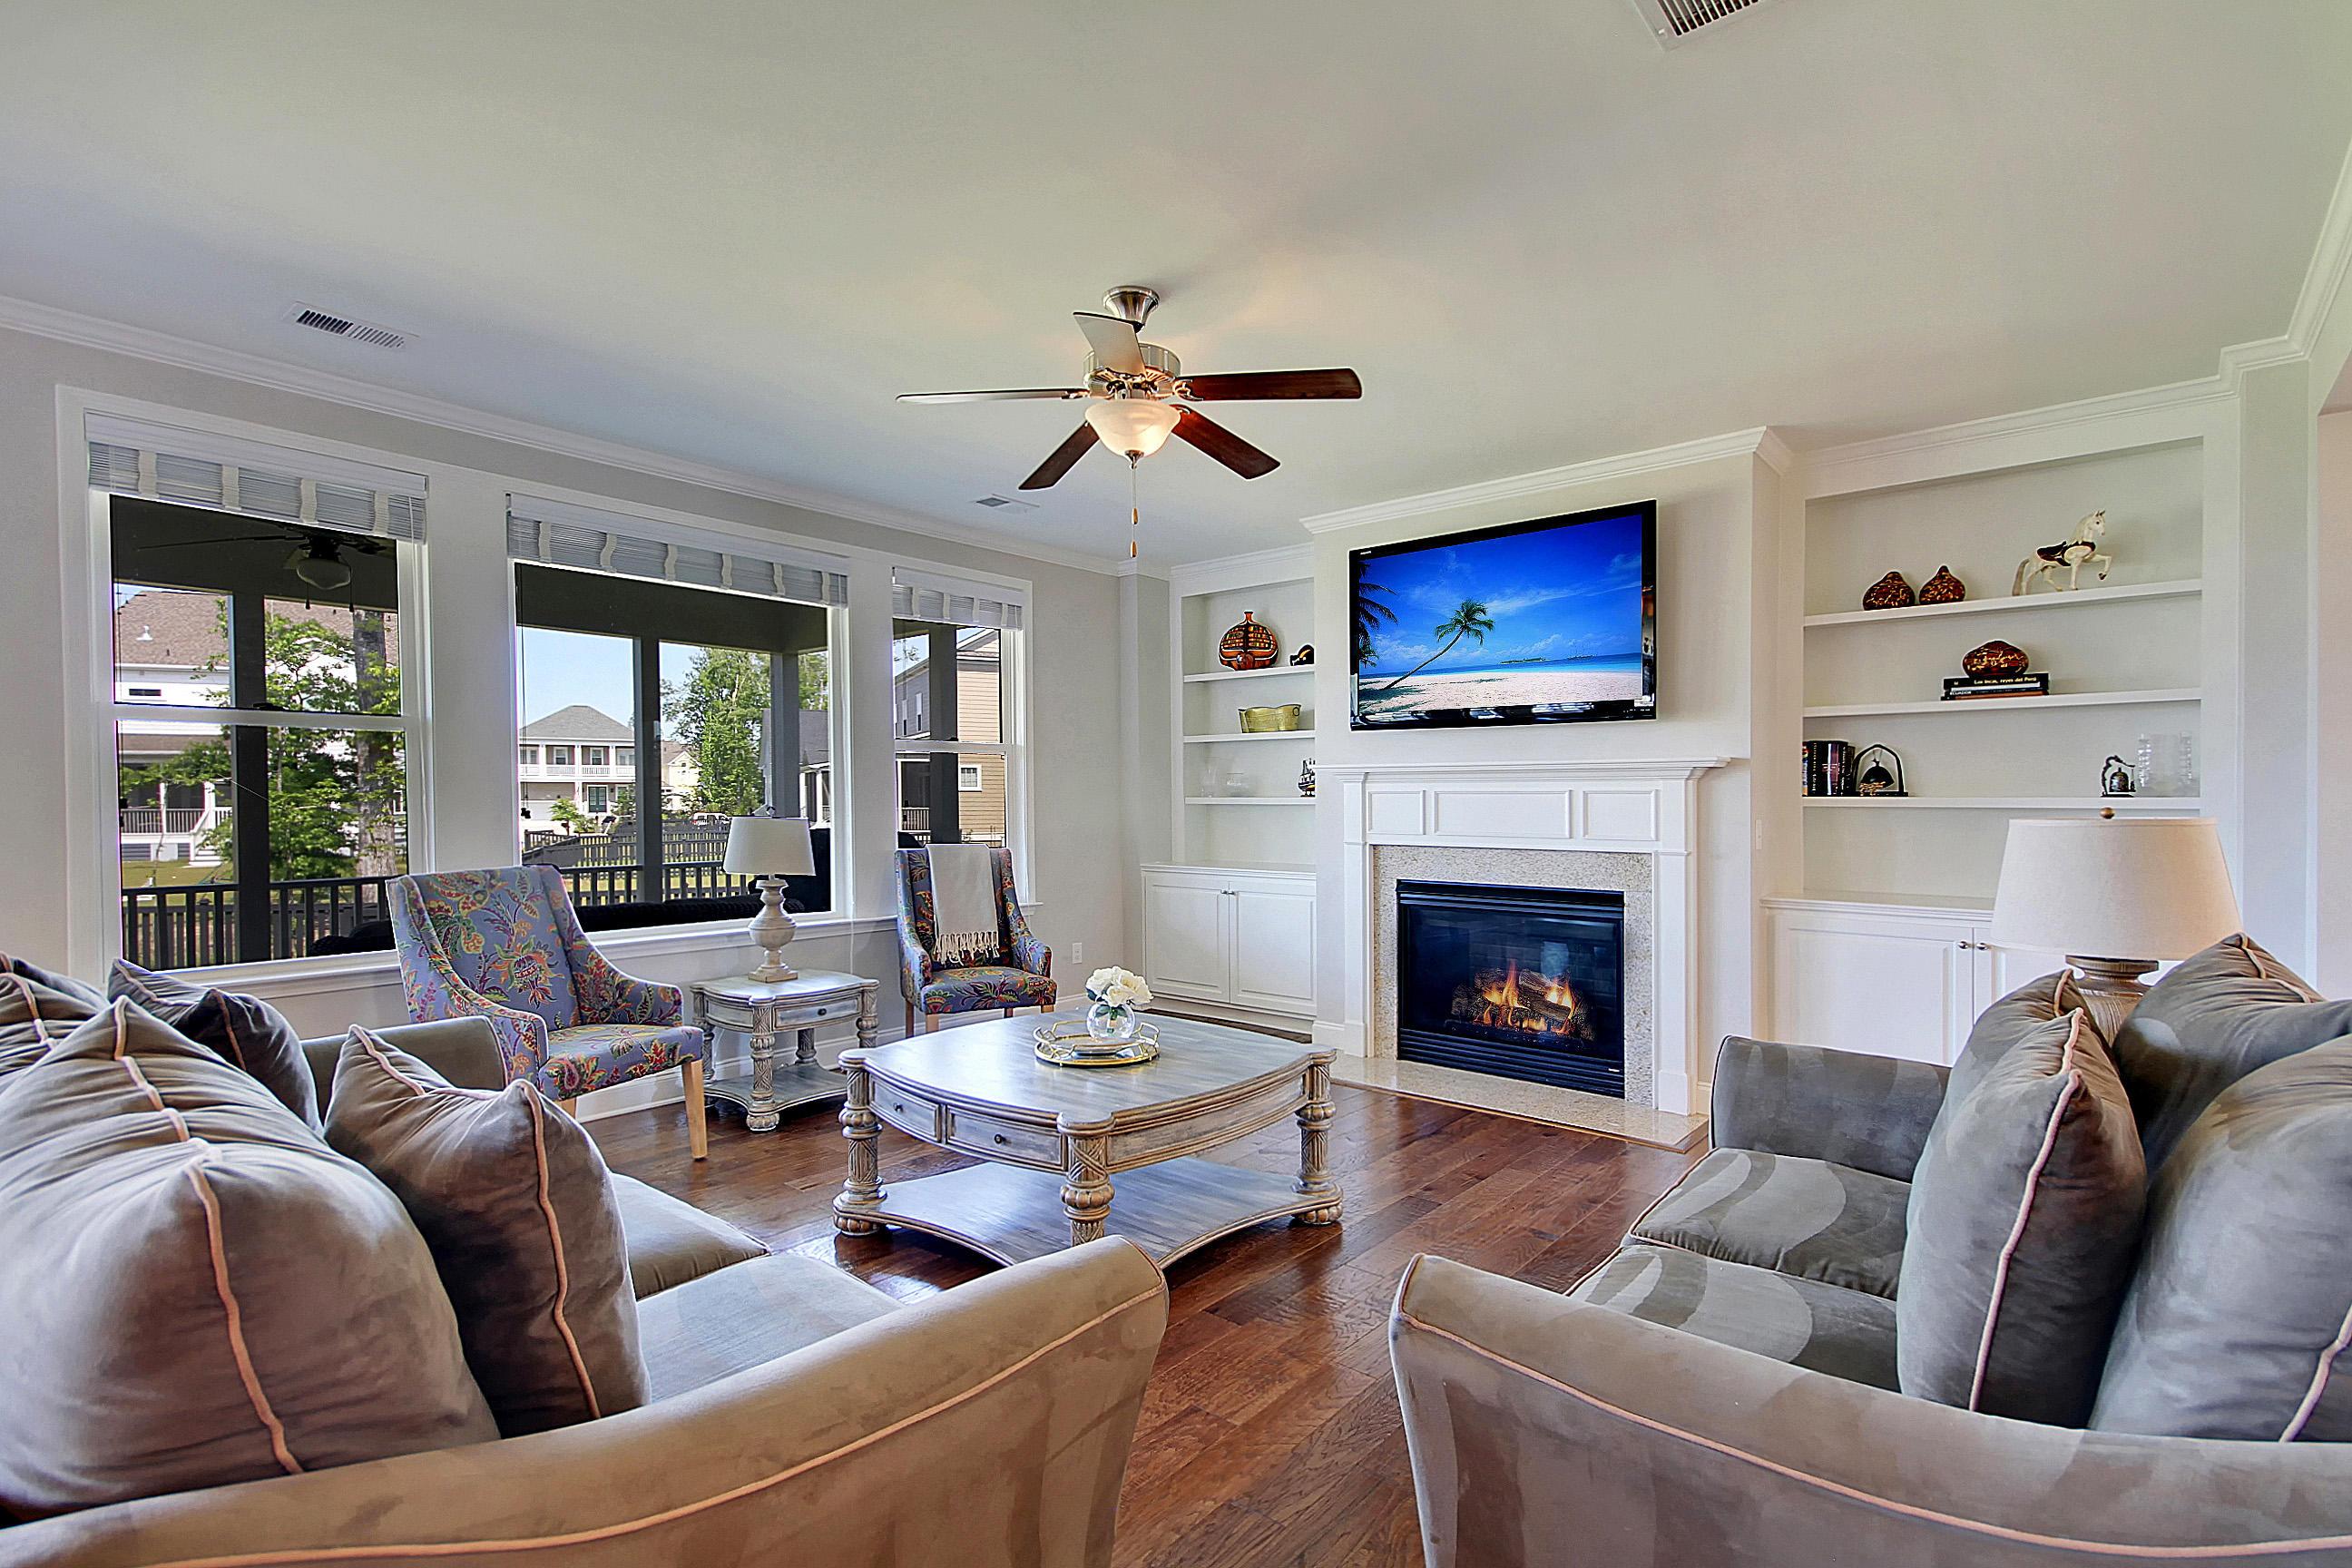 Dunes West Homes For Sale - 1420 Trip Line, Mount Pleasant, SC - 11